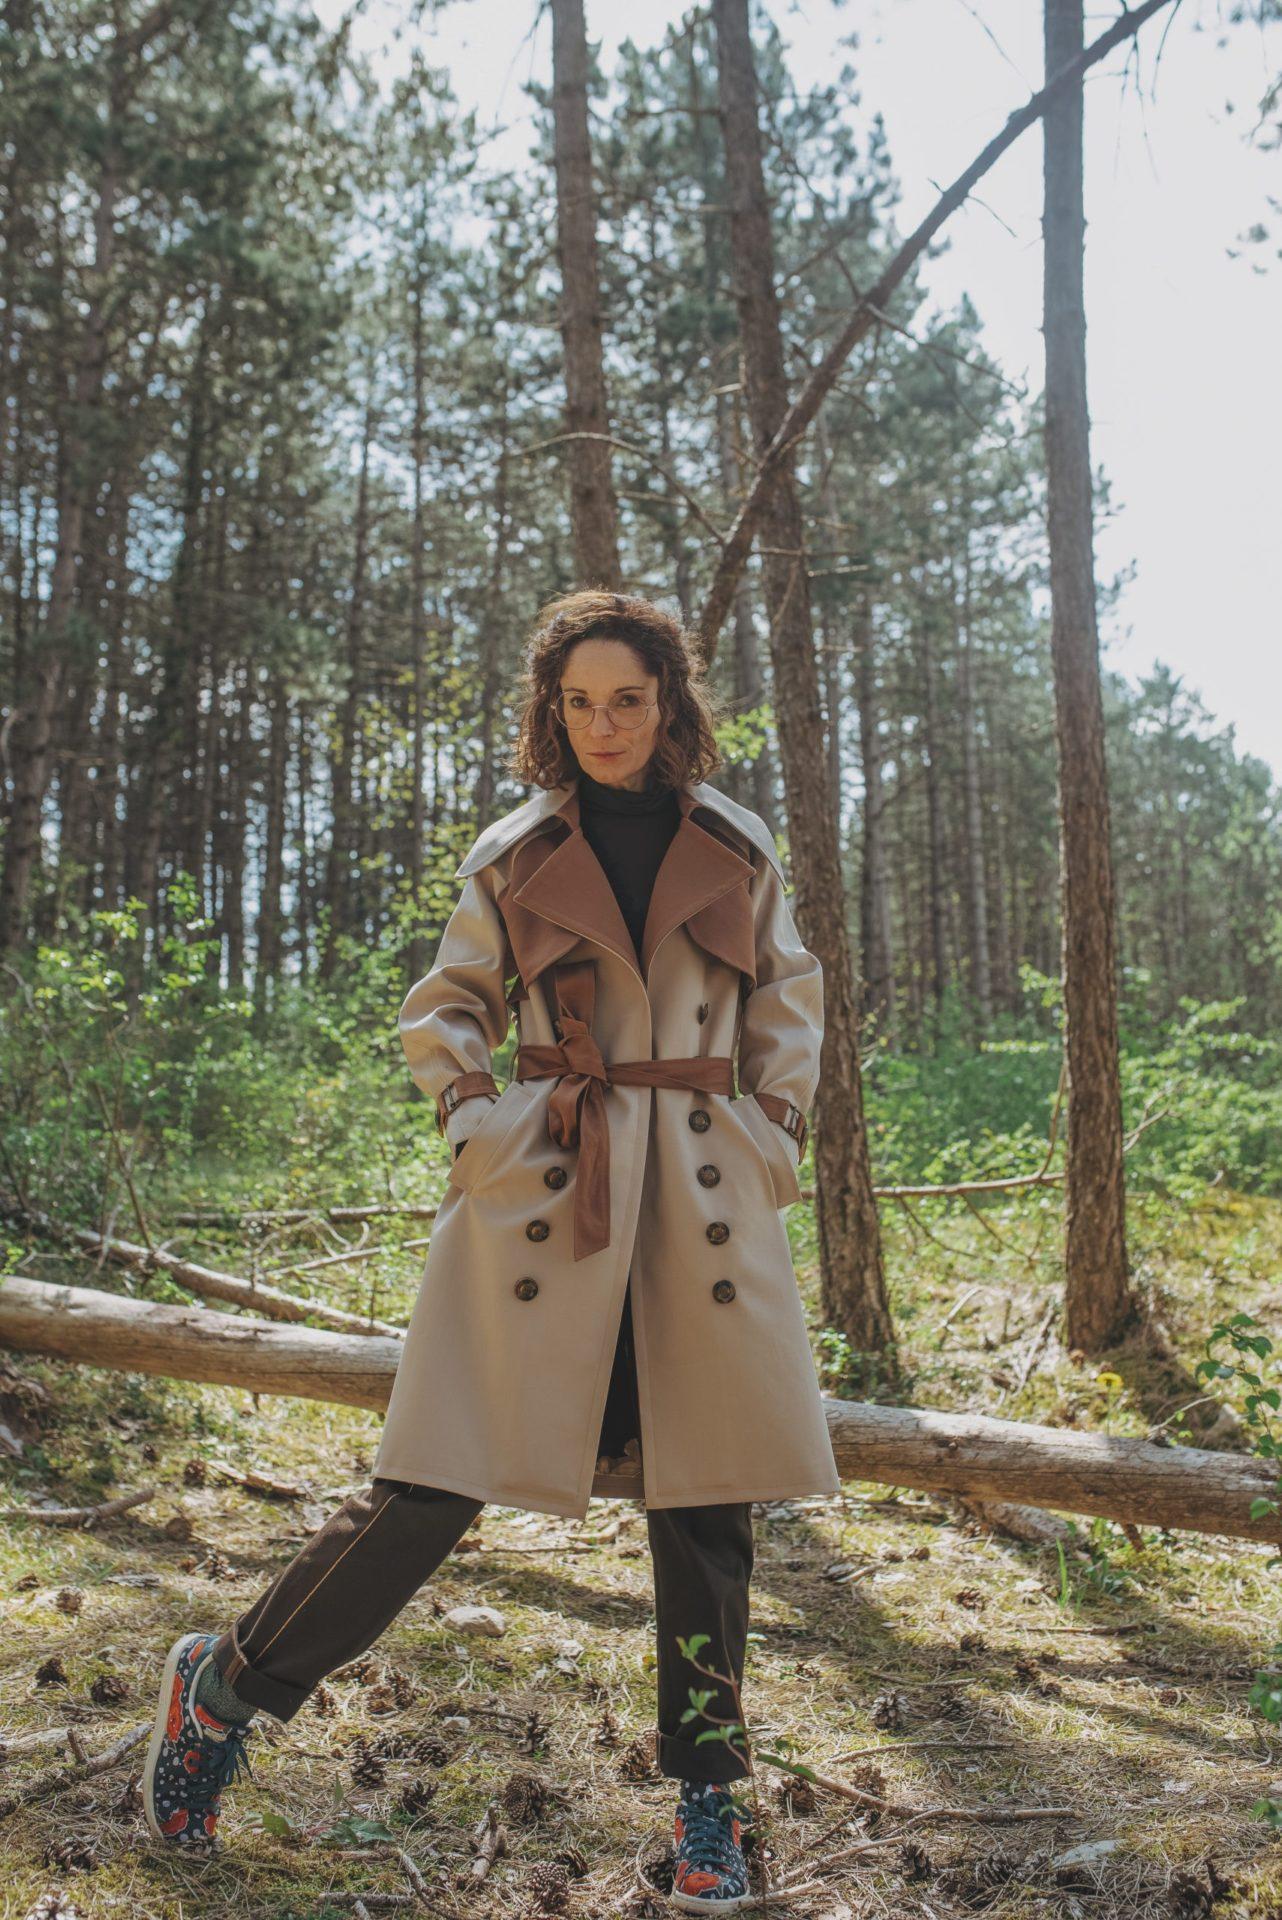 Trench-coat, By Sue-Sue, Créatrice mode éthique, Styliste modéliste, Mode responsable